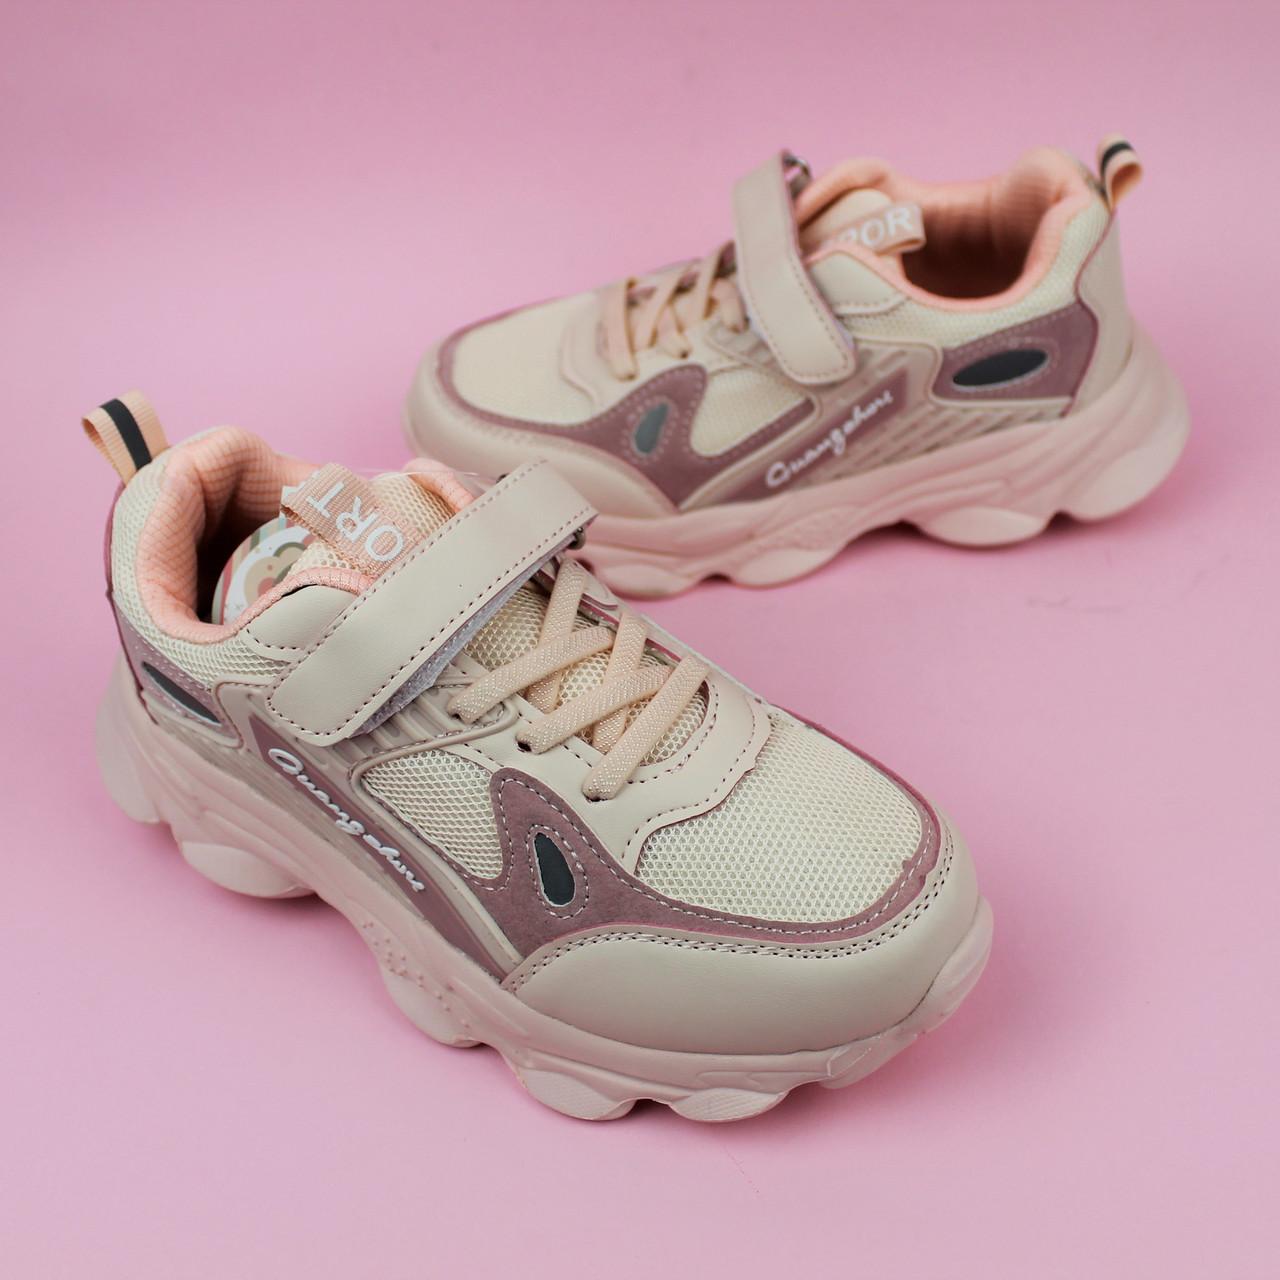 Детские кроссовки на девочку пудрового цвета тм Том.м размер 33,34,35